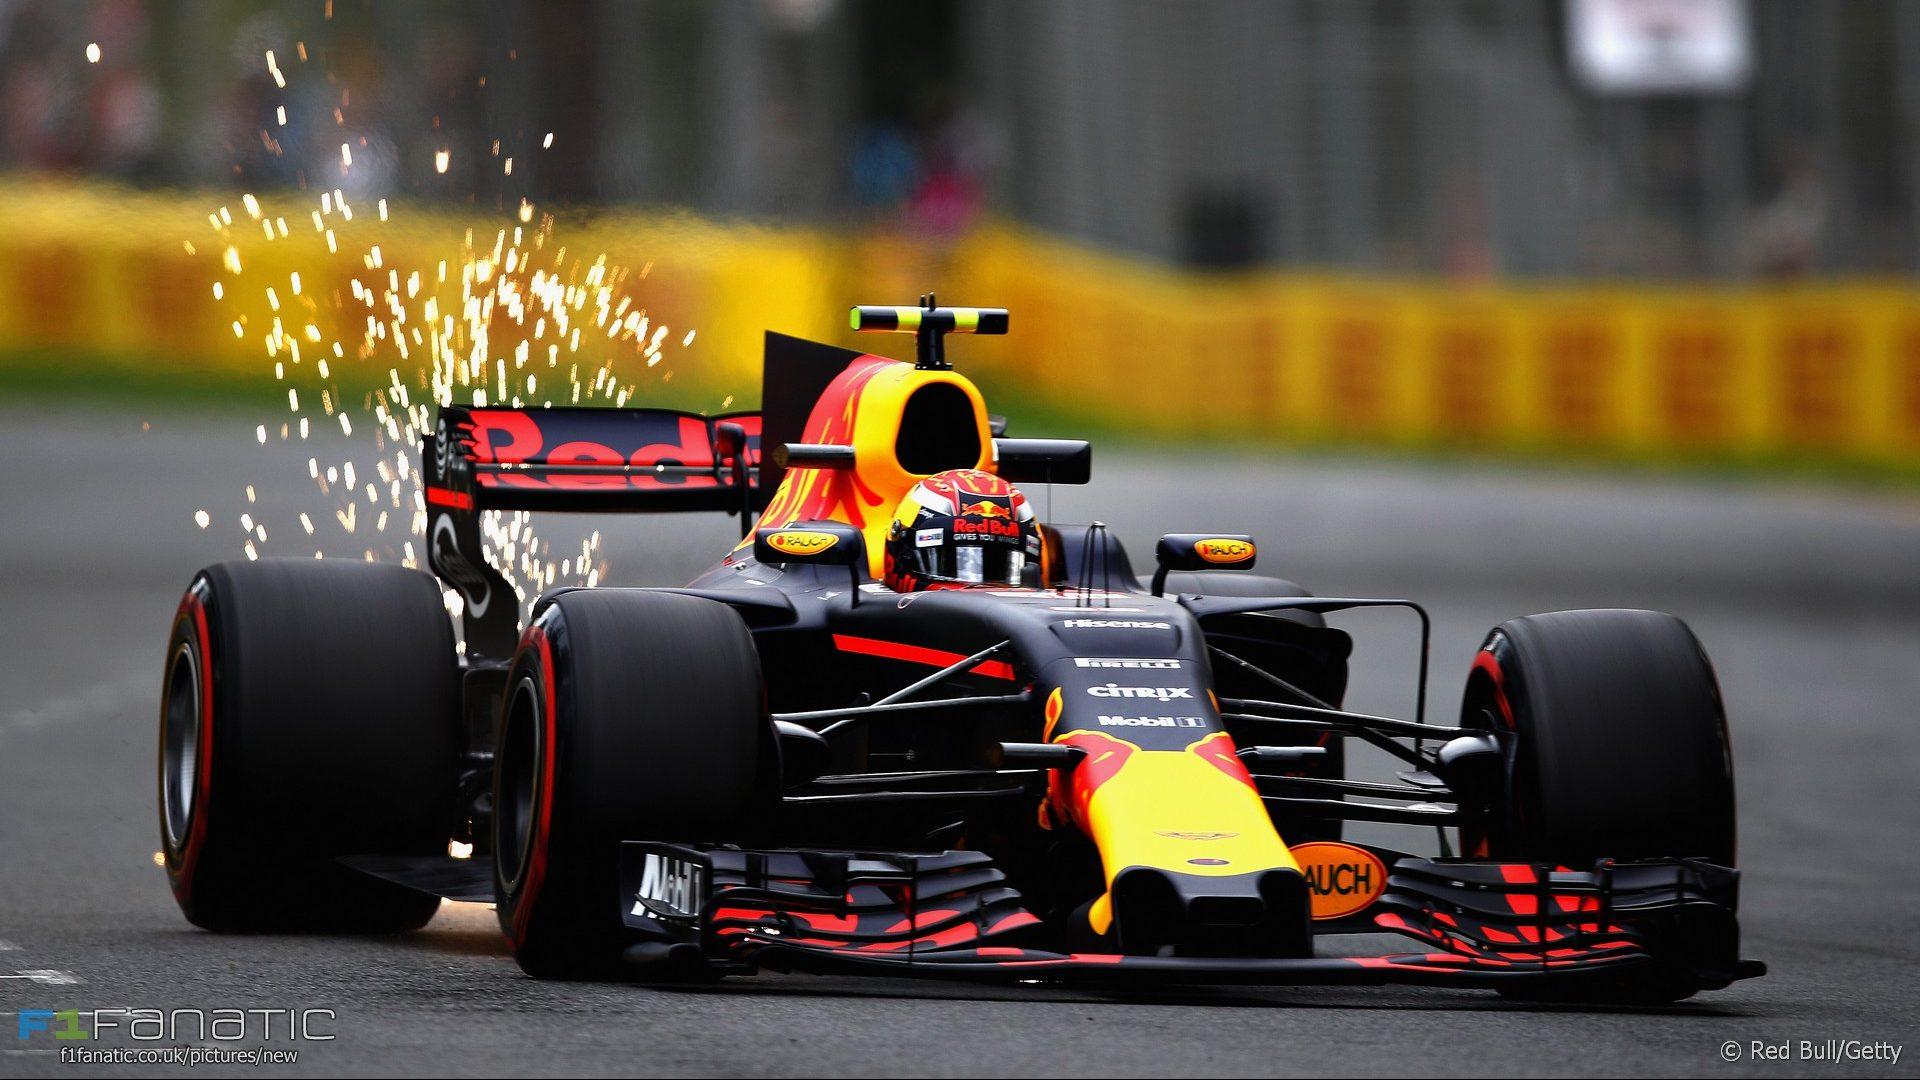 Max Verstappen, Red Bull, Albert Park, 2017 · F1 Fanatic